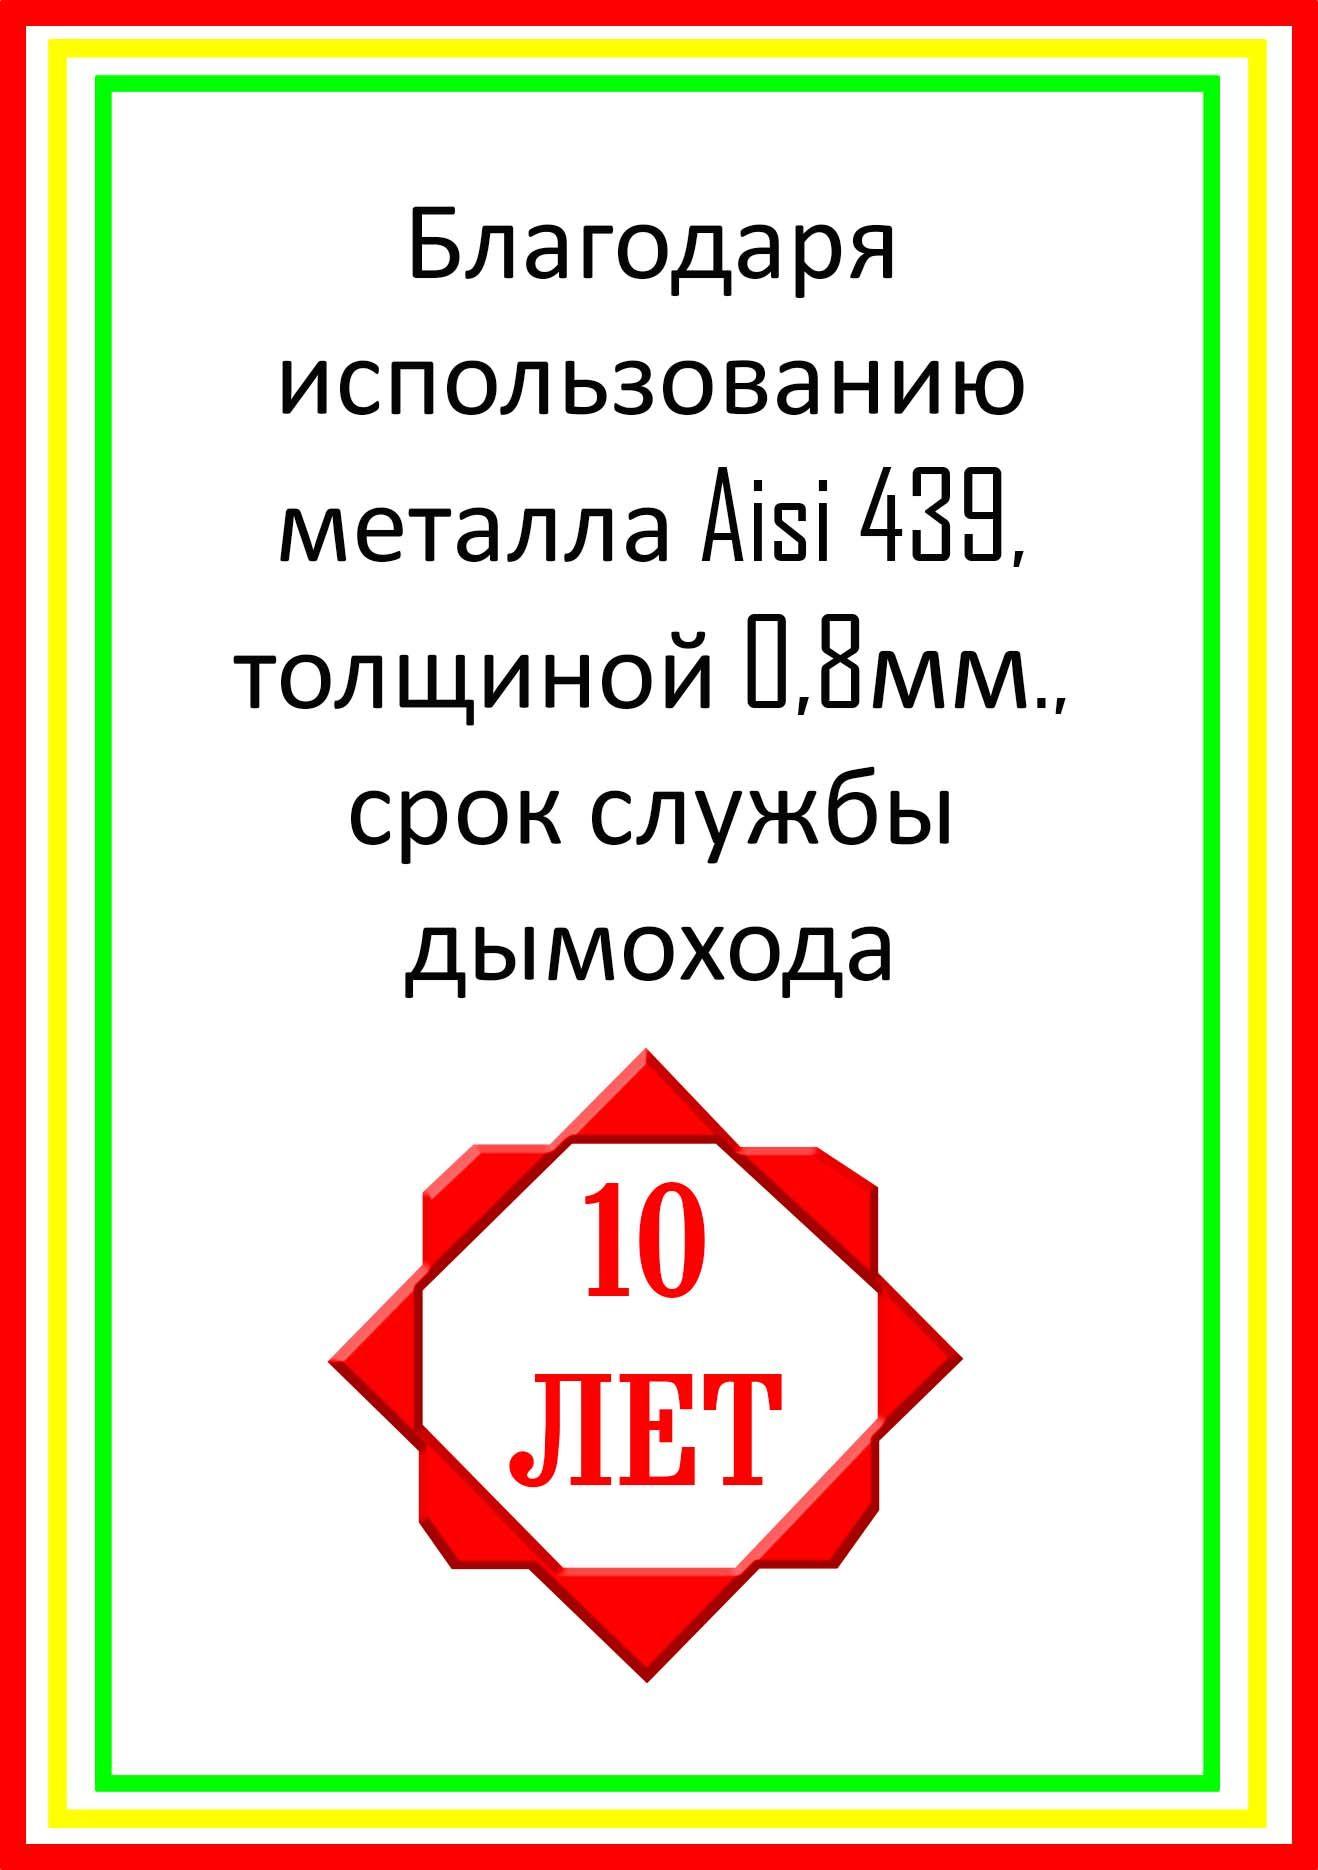 Наклейка на дымоход - дизайнер EVA23